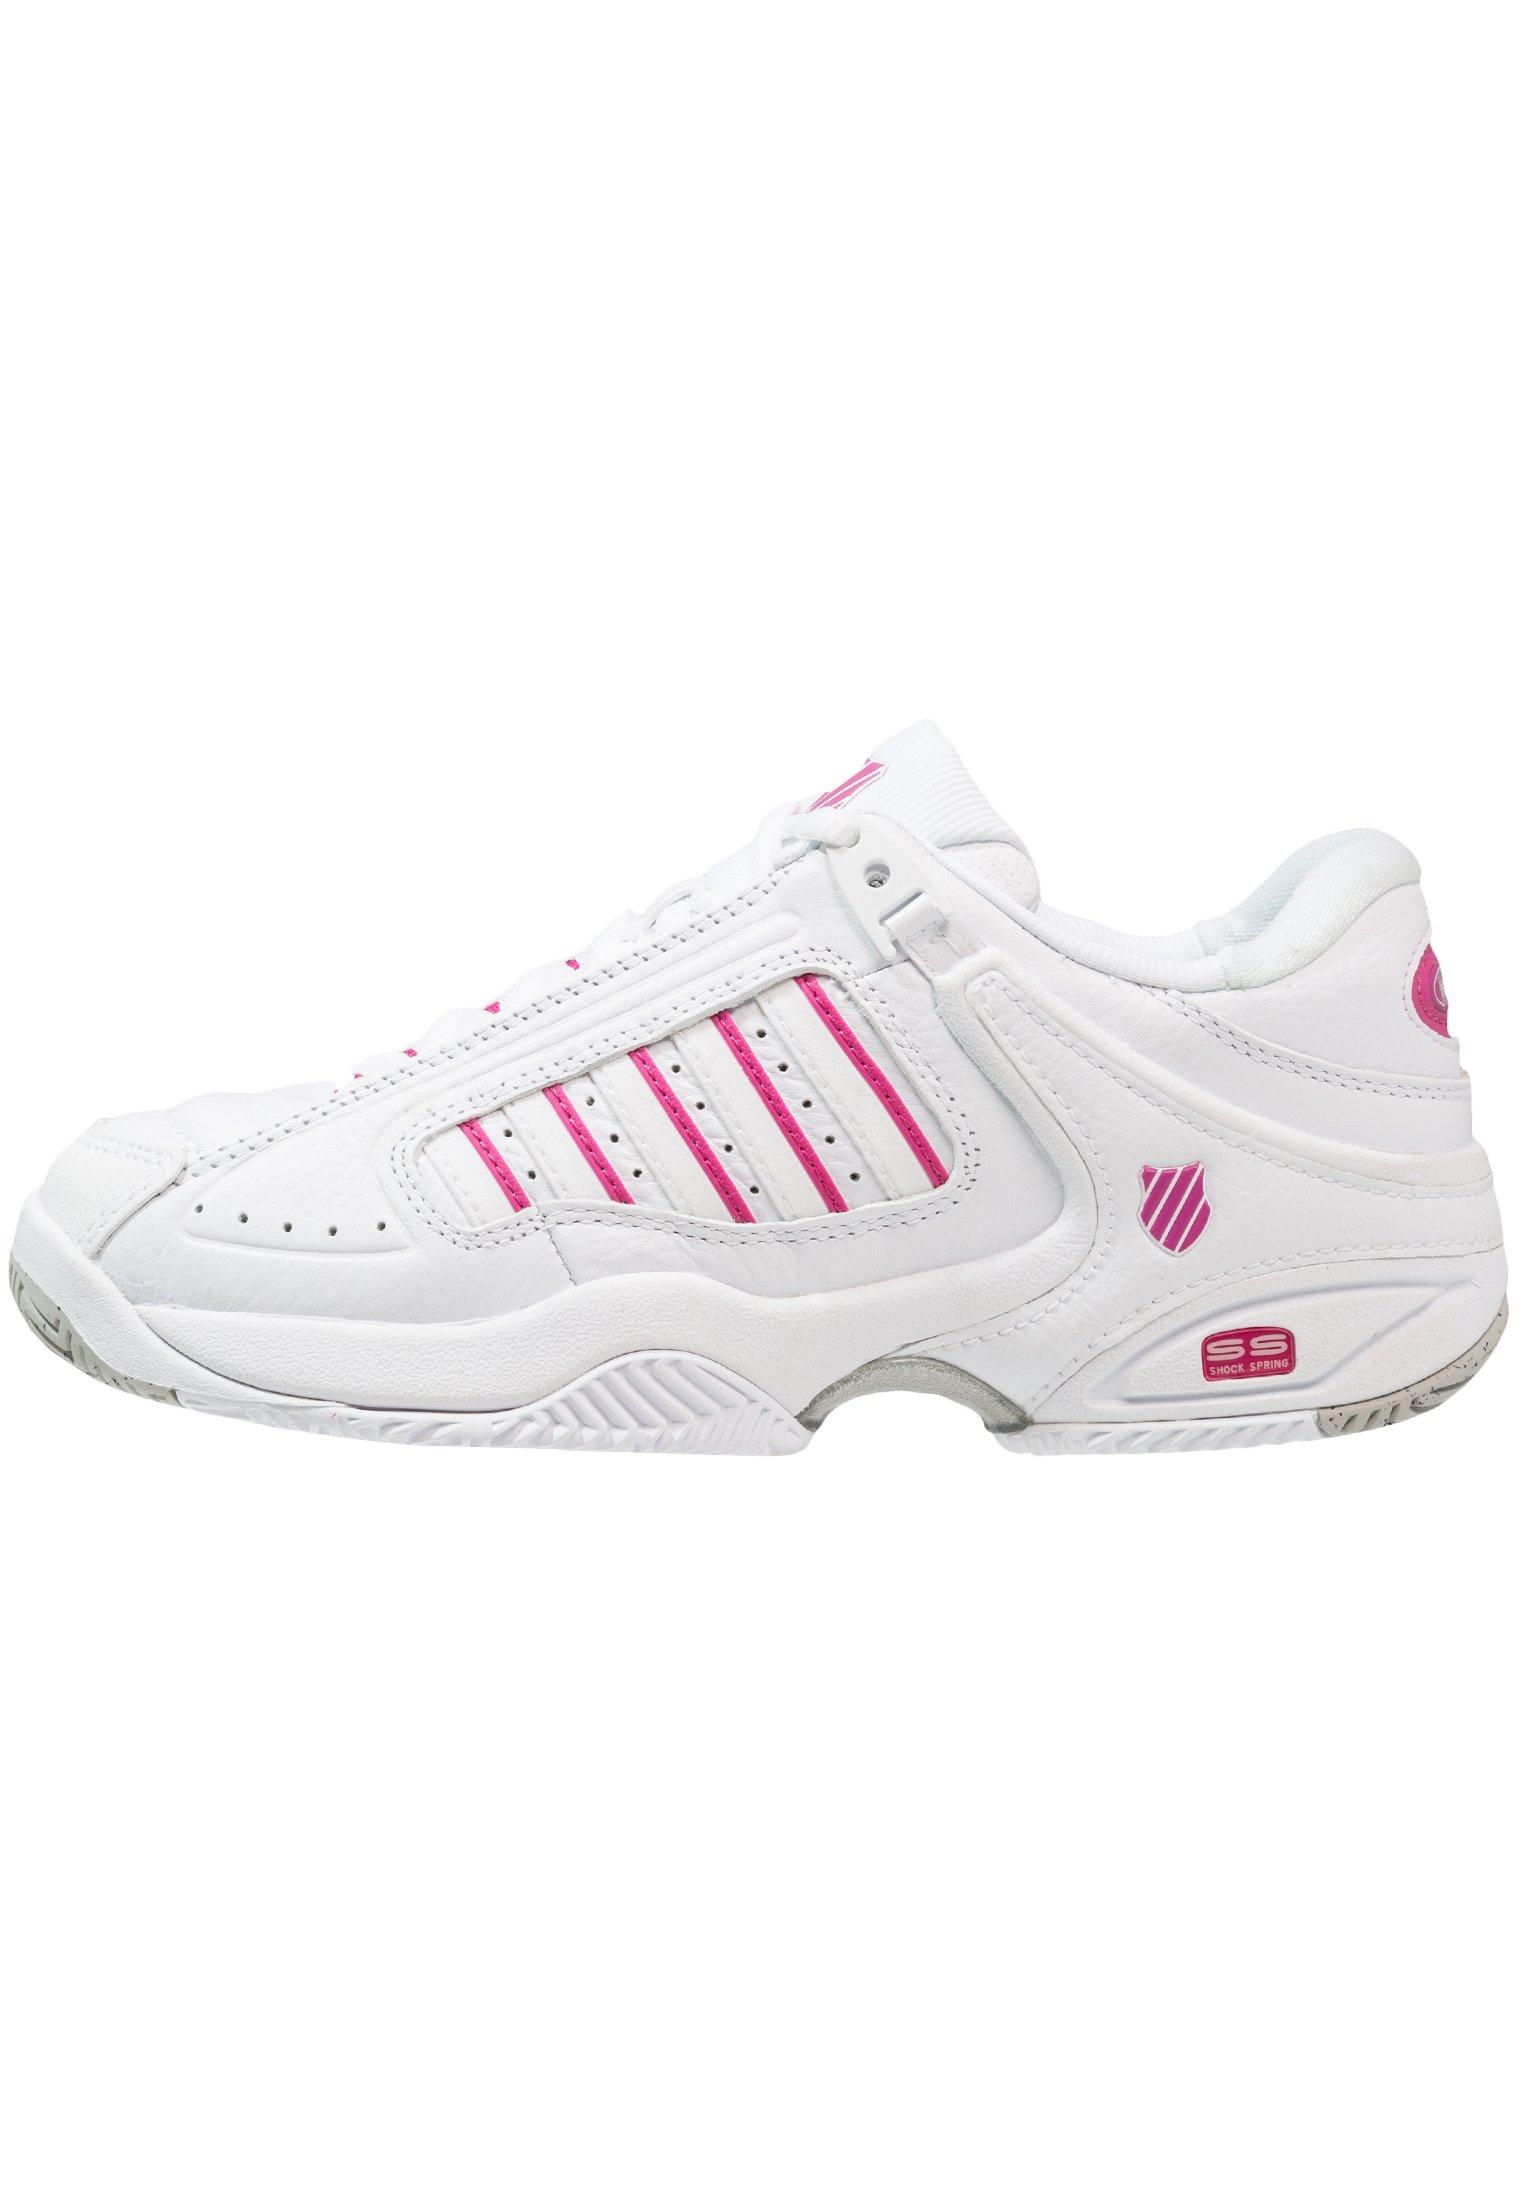 Women DEFIER RS - Multicourt tennis shoes